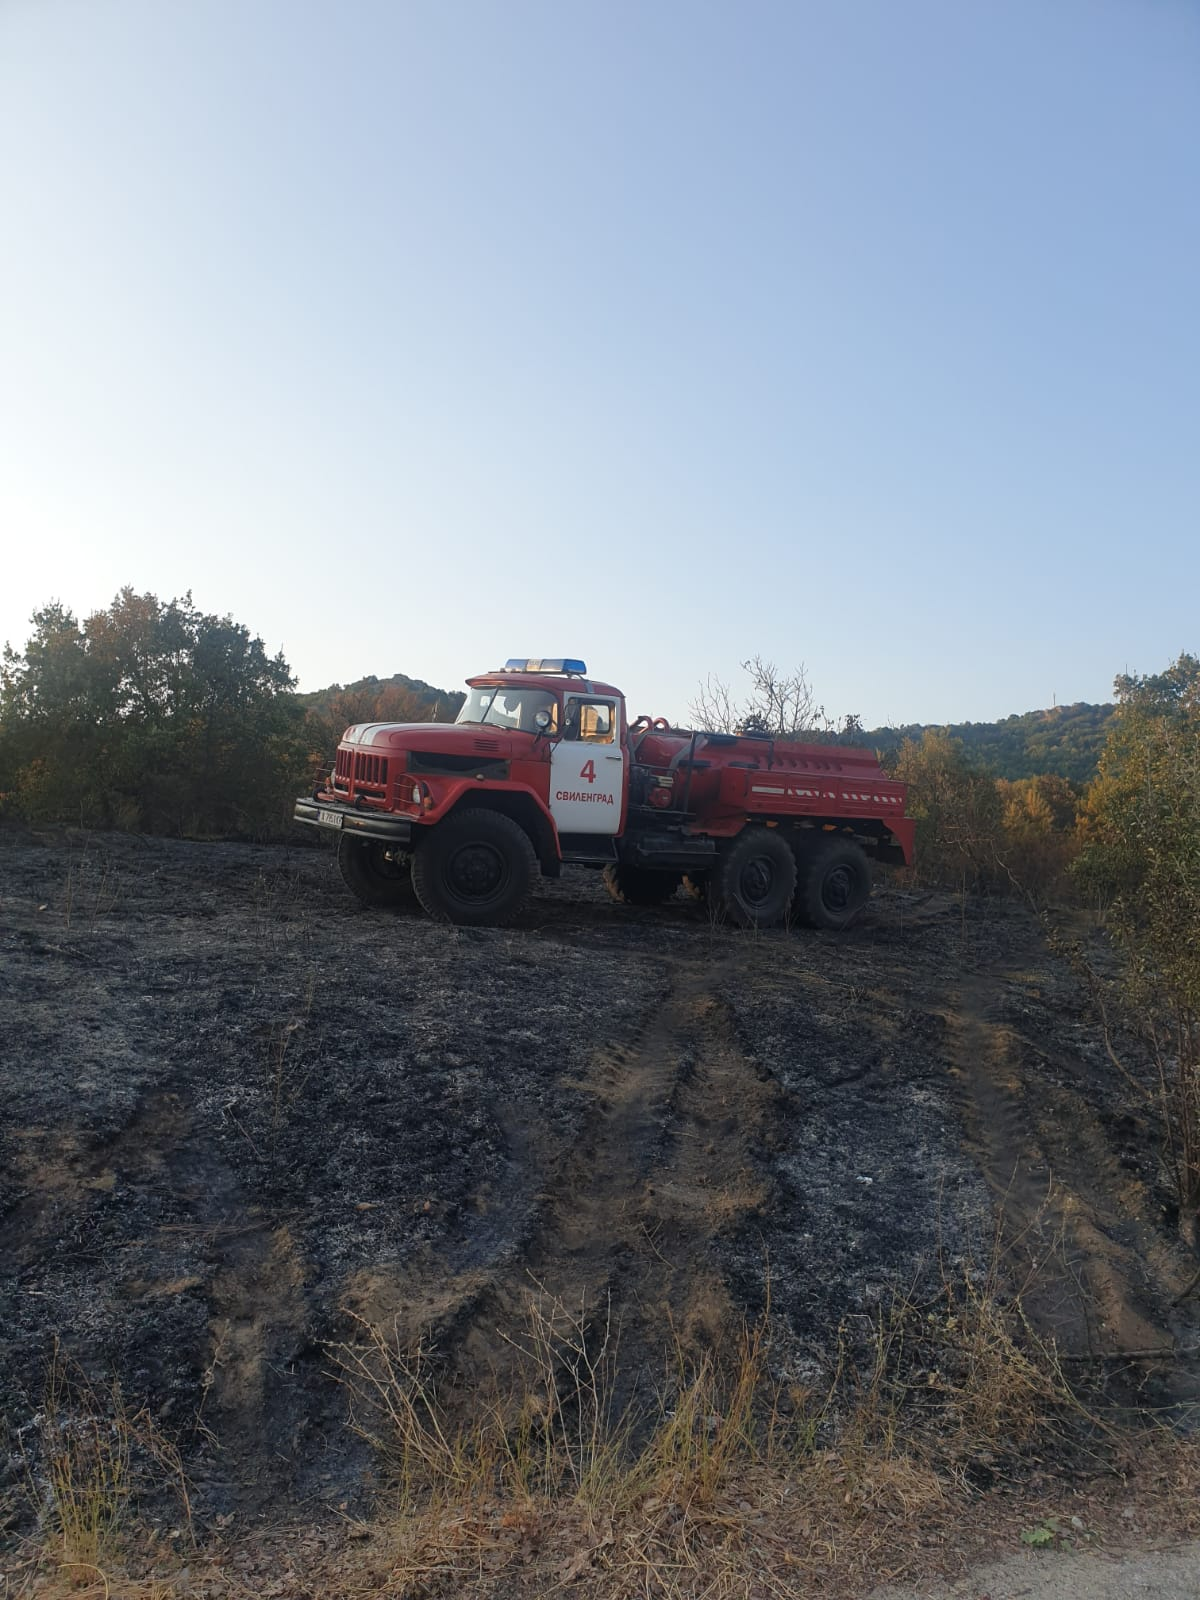 Продължава потушаването на пожара в Сакар. Огънят по периметъра, между селата Студена и Дервишка могила, община Свиленград, беше овладян още вчера, но през нощта той се е разпалвал няколко пъти и дежурните екипи са работили по потушаването на пламъците.